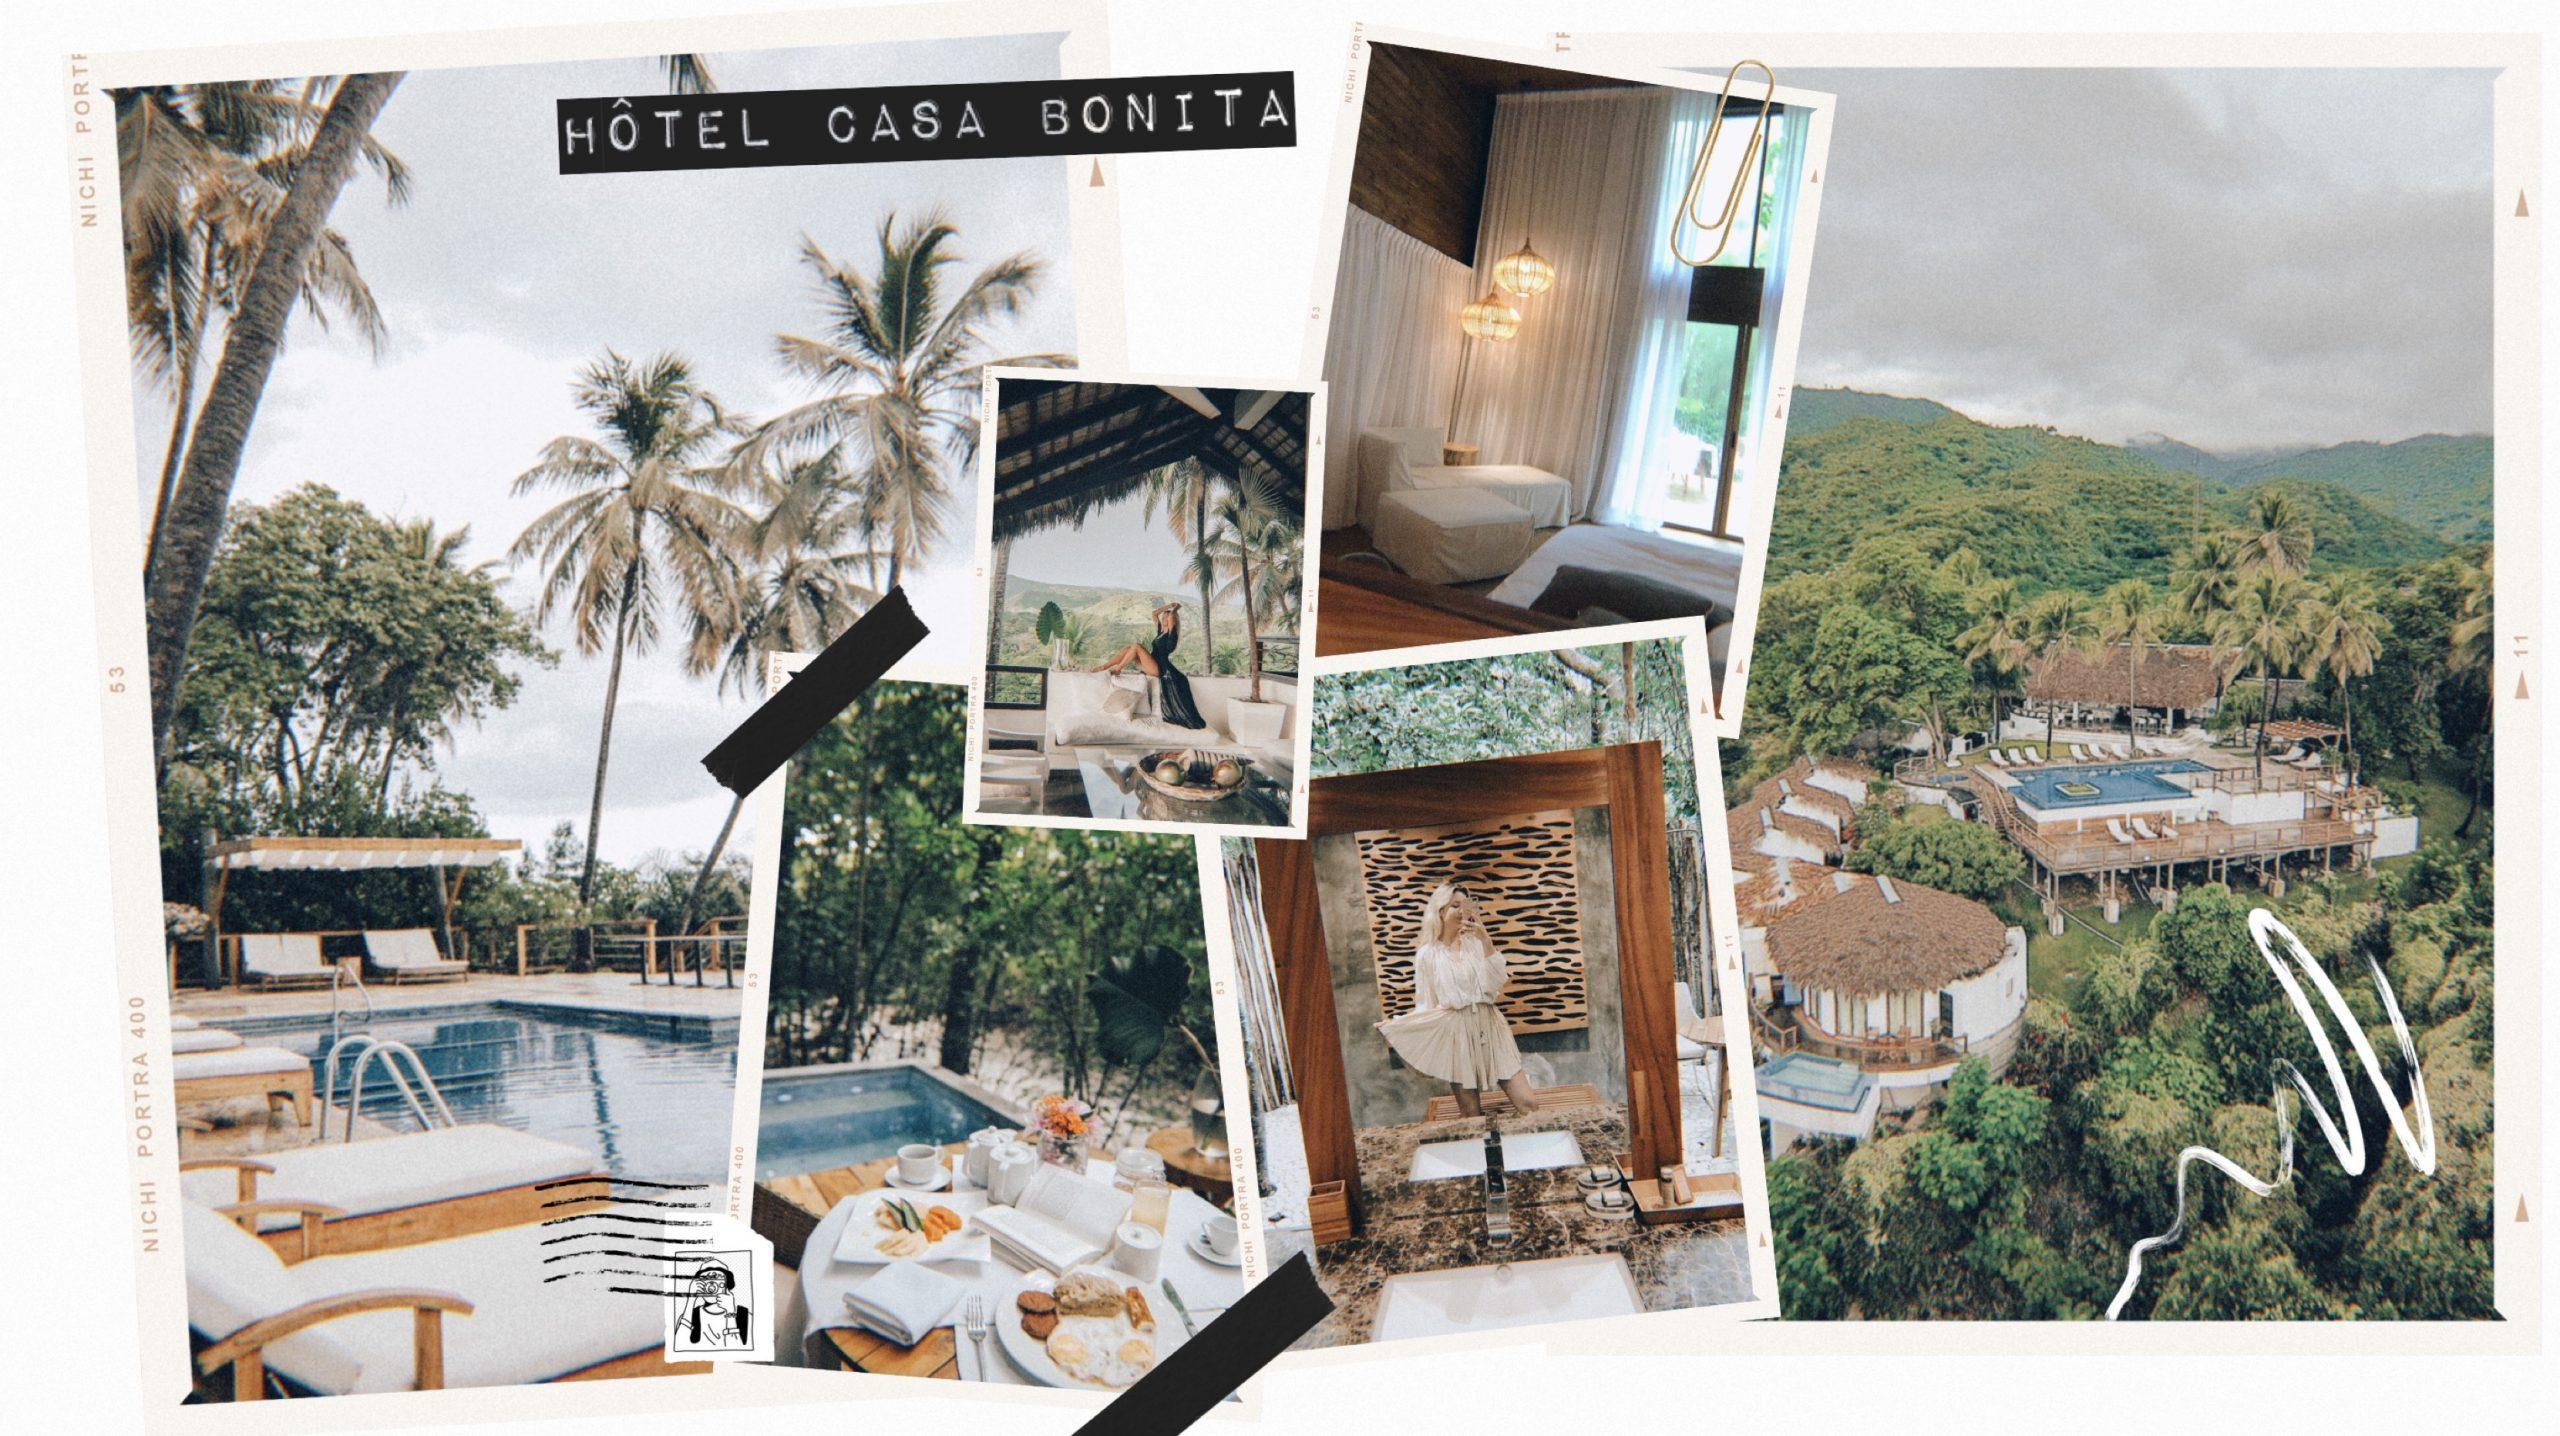 république dominicaine hotels casa bonita